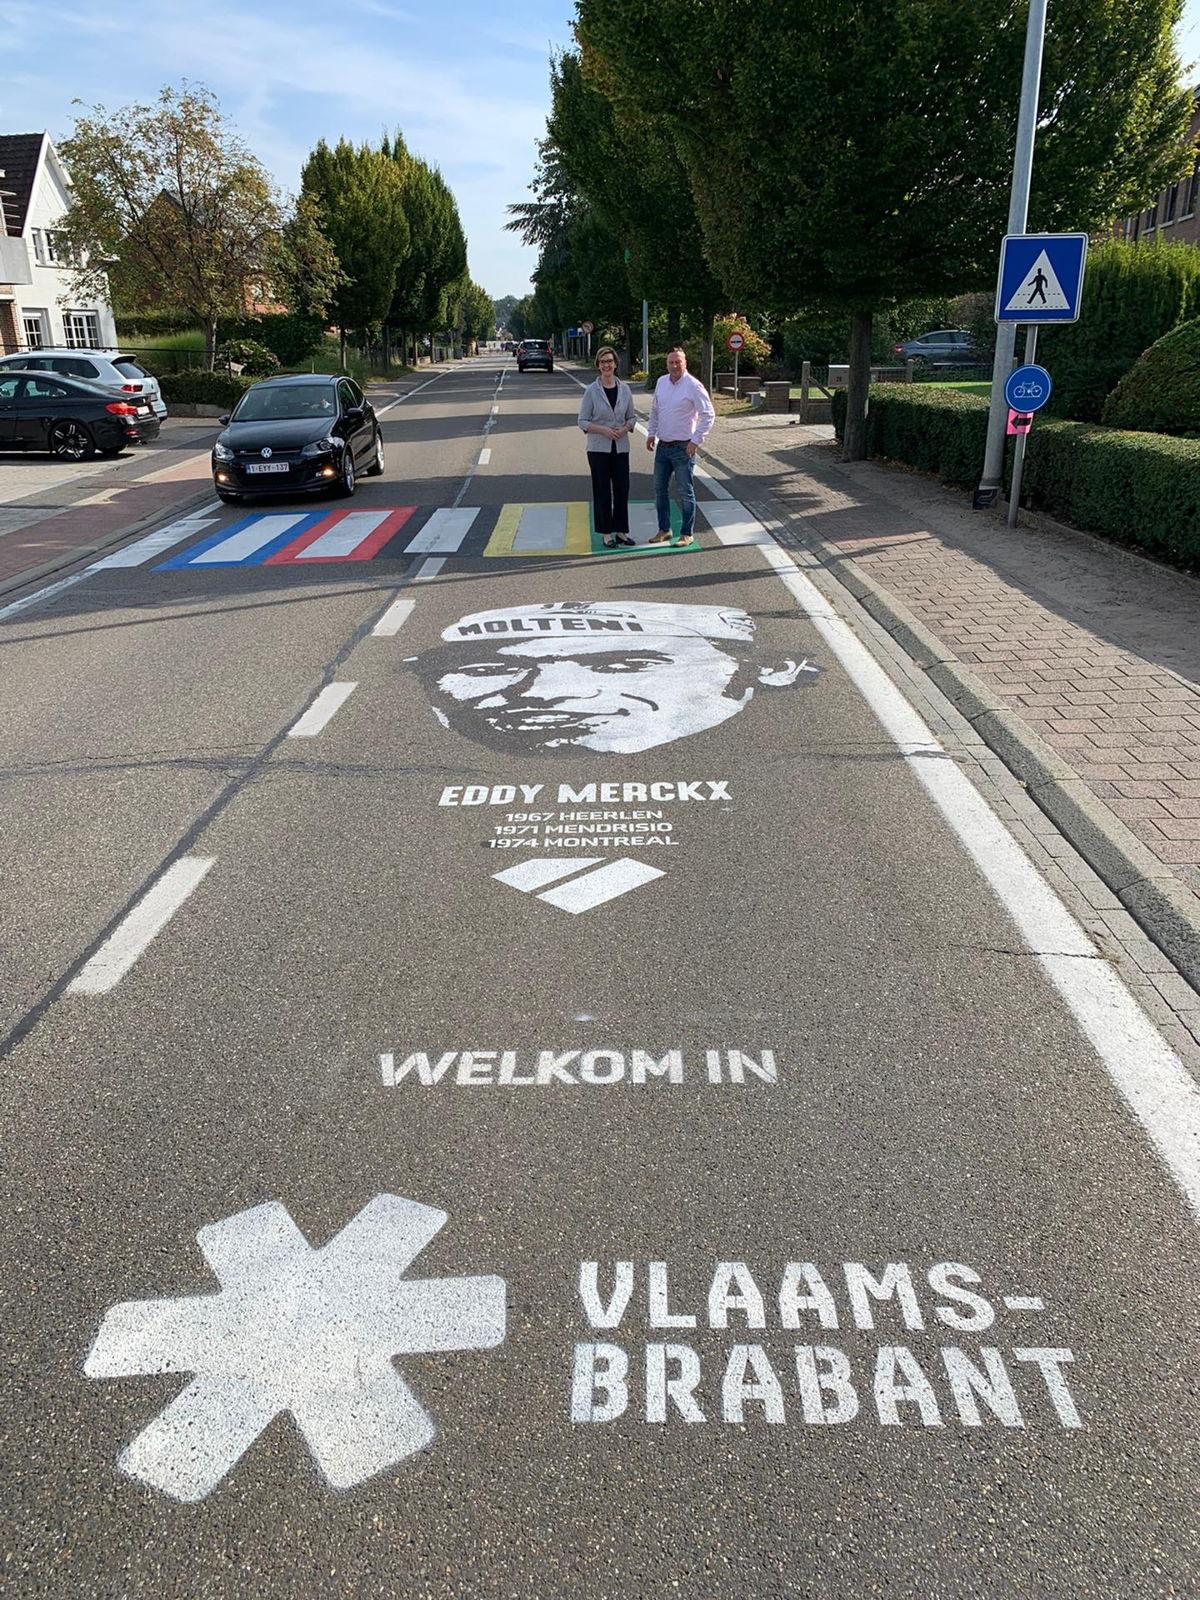 PUNCHEUR maakte een street art over Eddy Merckx in Keerbergen, op de plaats waar het peloton van het WK Wielrijden de provincie Vlaams-Brabant zal binnenrijden